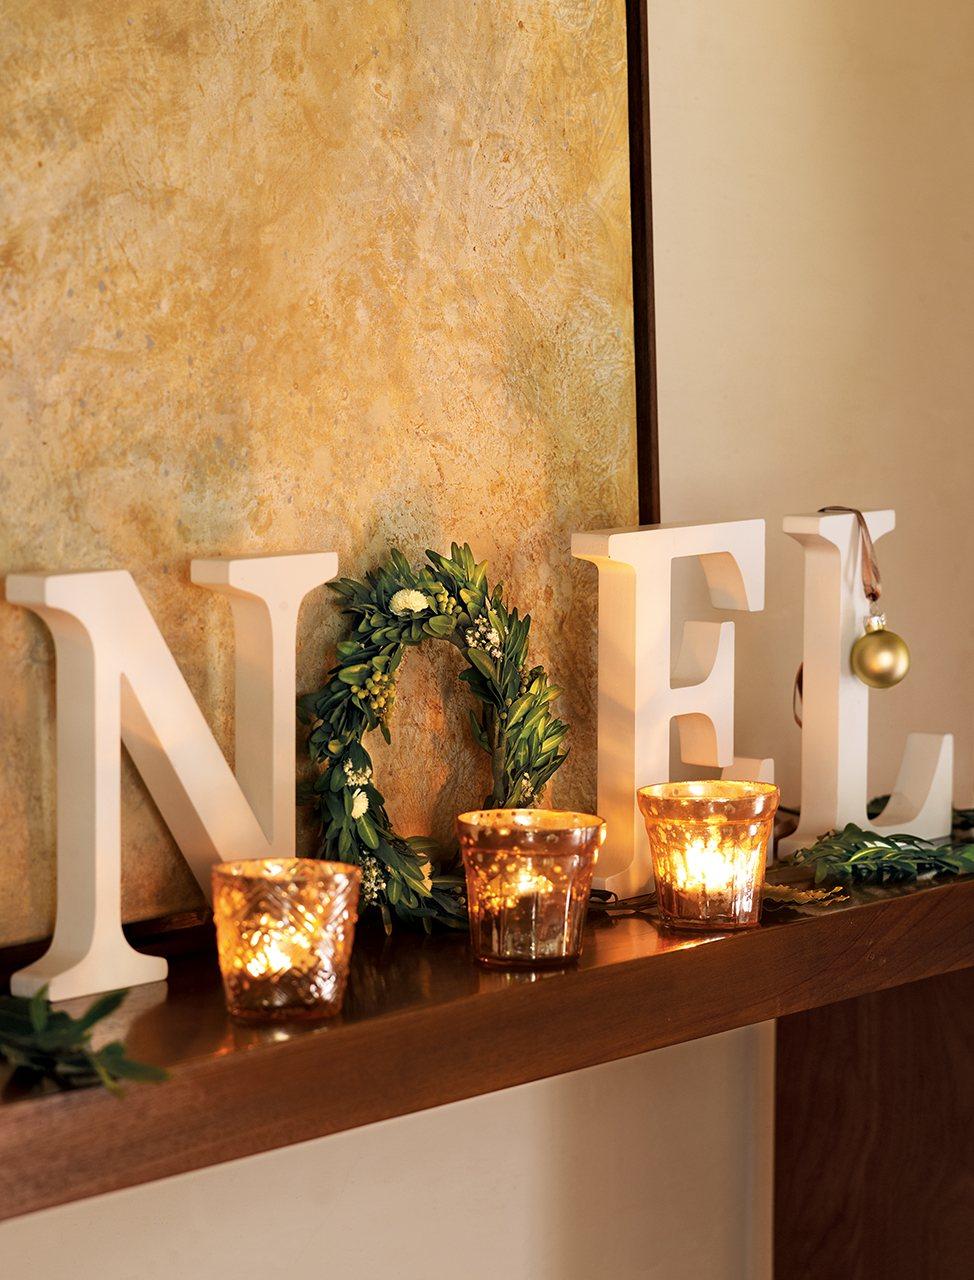 Descubre la decoraci n navide a m s natural - Decoracion navidena natural ...